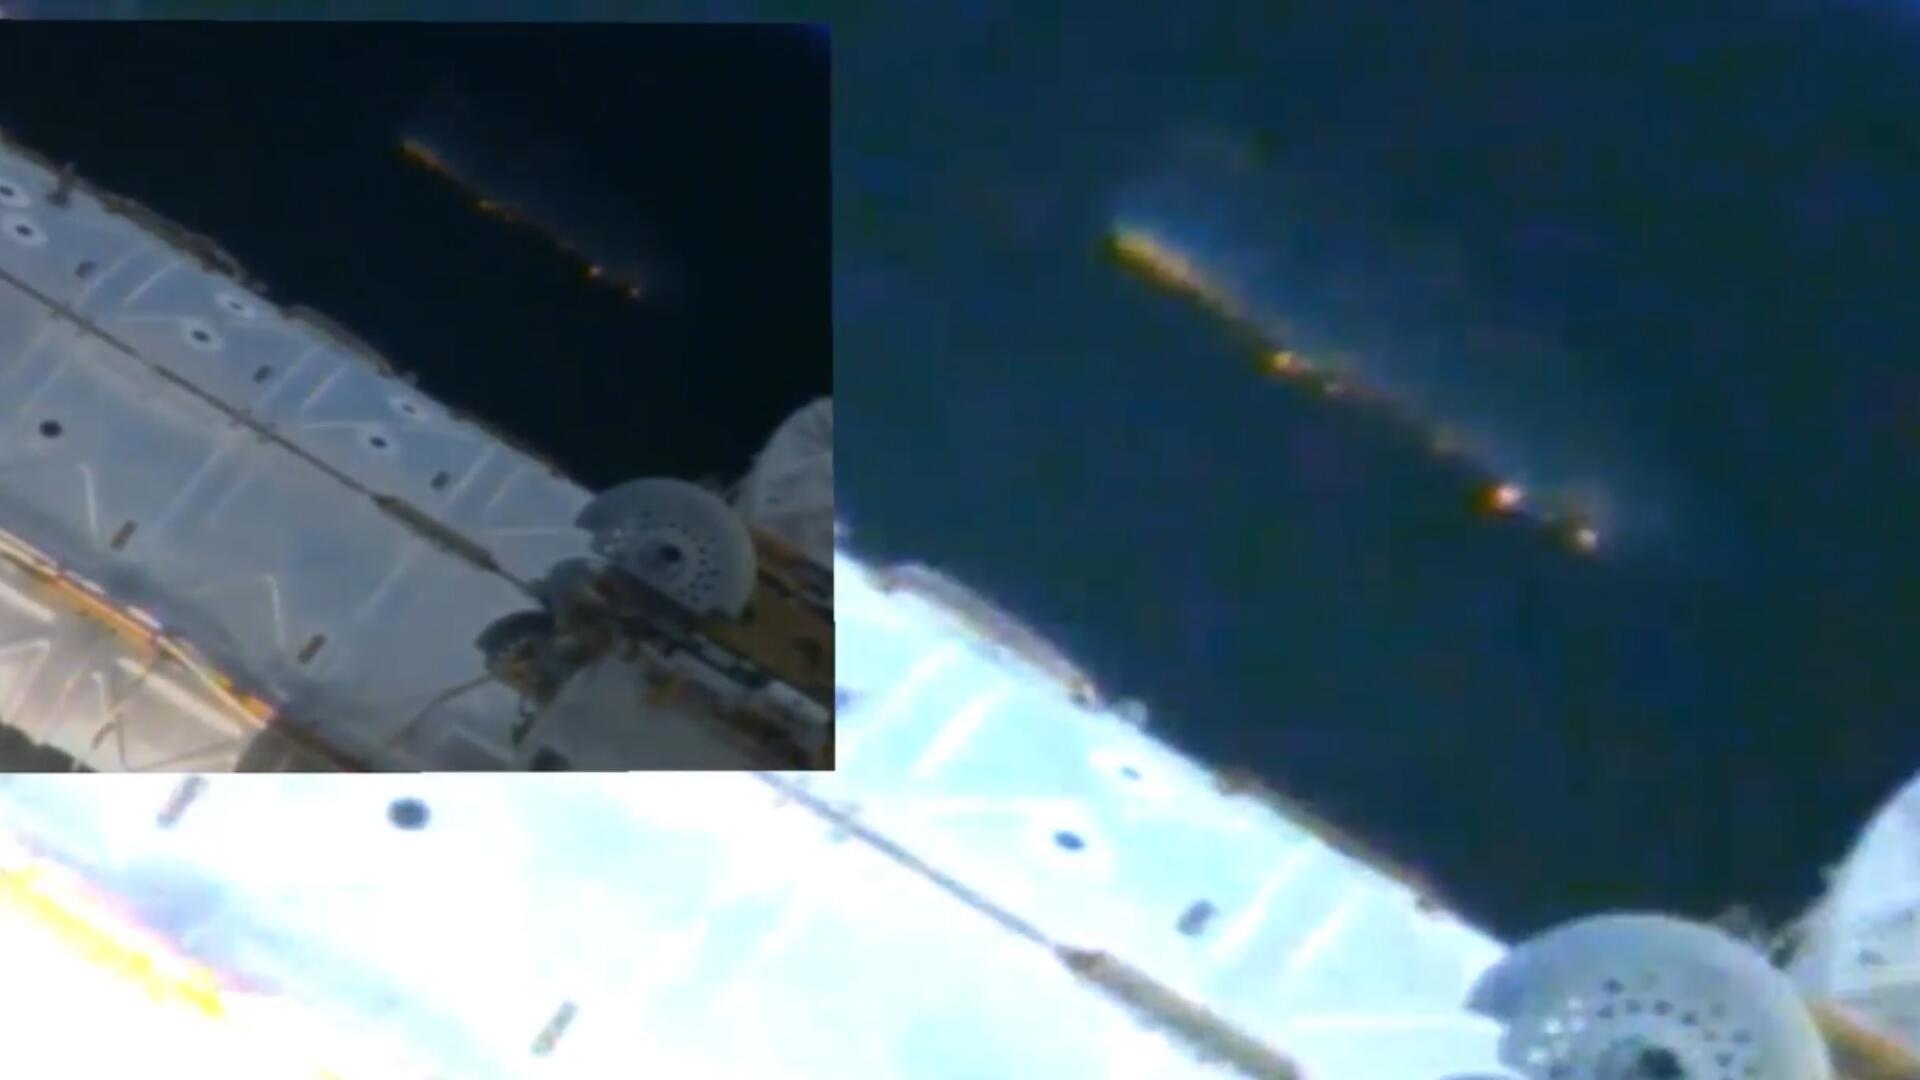 Bild zu US-Ufologen wollen riesiges Alien-Schiff neben ISS entdeckt haben